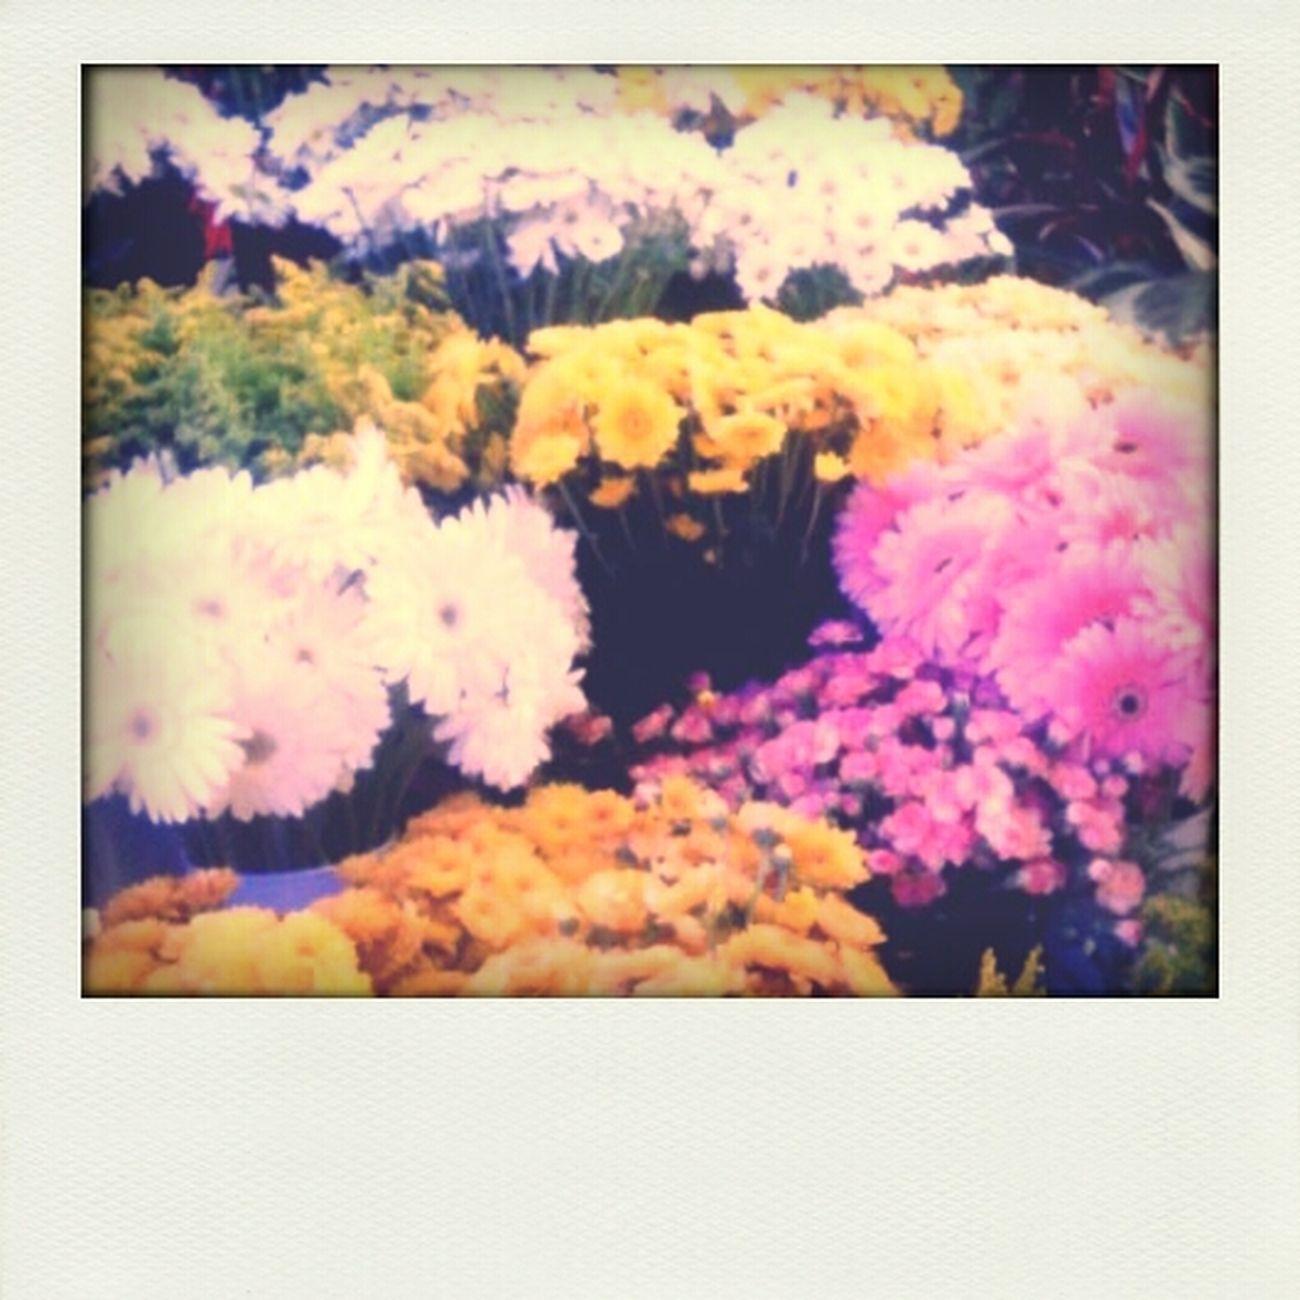 Flowers Color Follow4follow Likeforlike #likemyphoto #qlikemyphotos #like4like #likemypic #likeback #ilikeback #10likes #50likes #100likes #20likes #likere